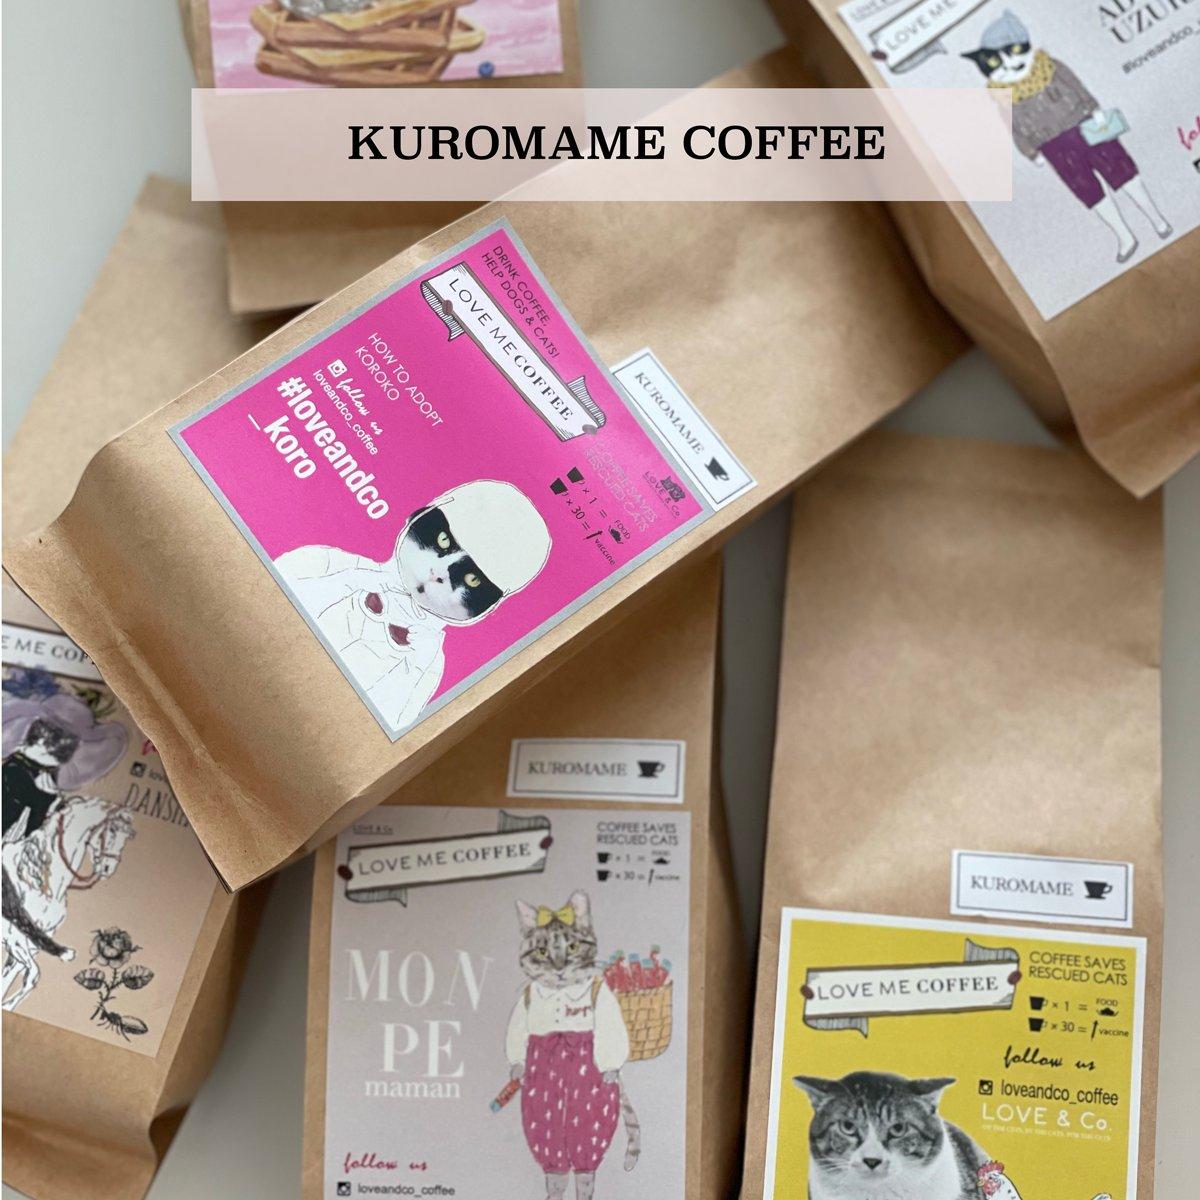 KUROMAME COFFEE (中挽き)画像